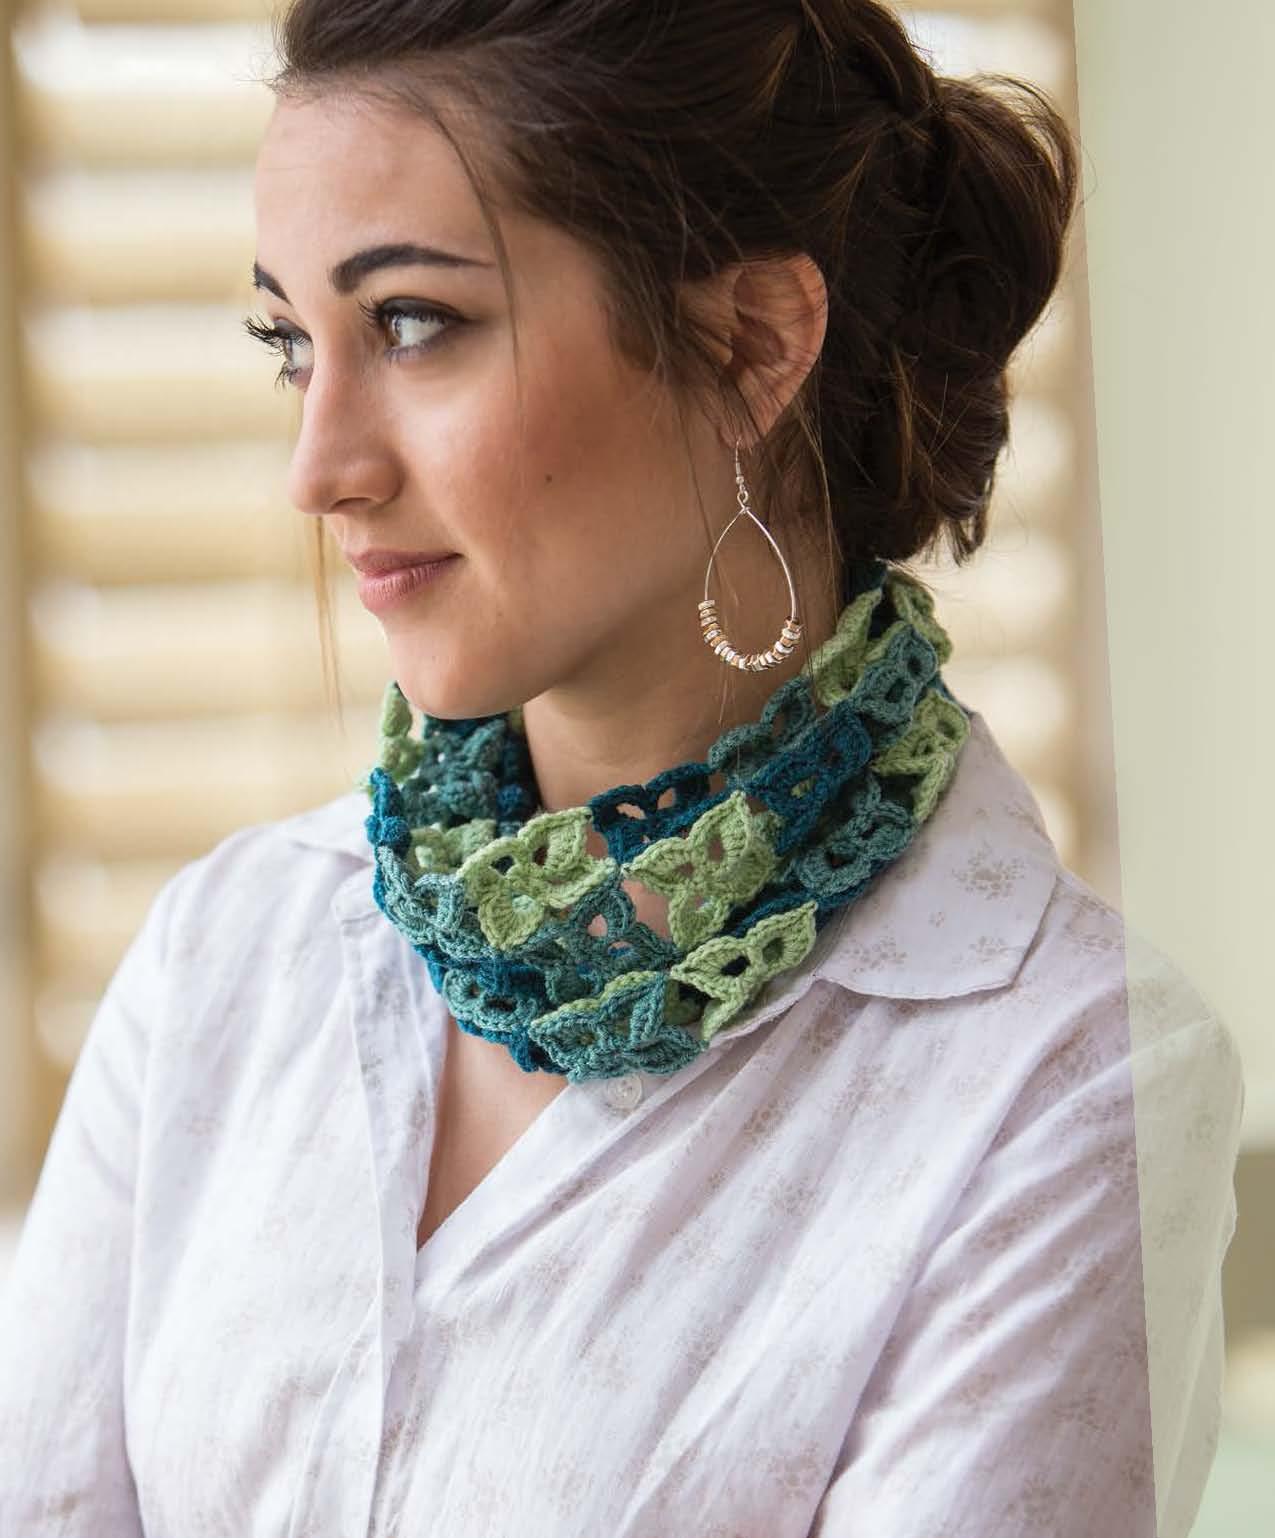 Crochet So Lovely -  Hydrangea Cowl beauty shot.jpg